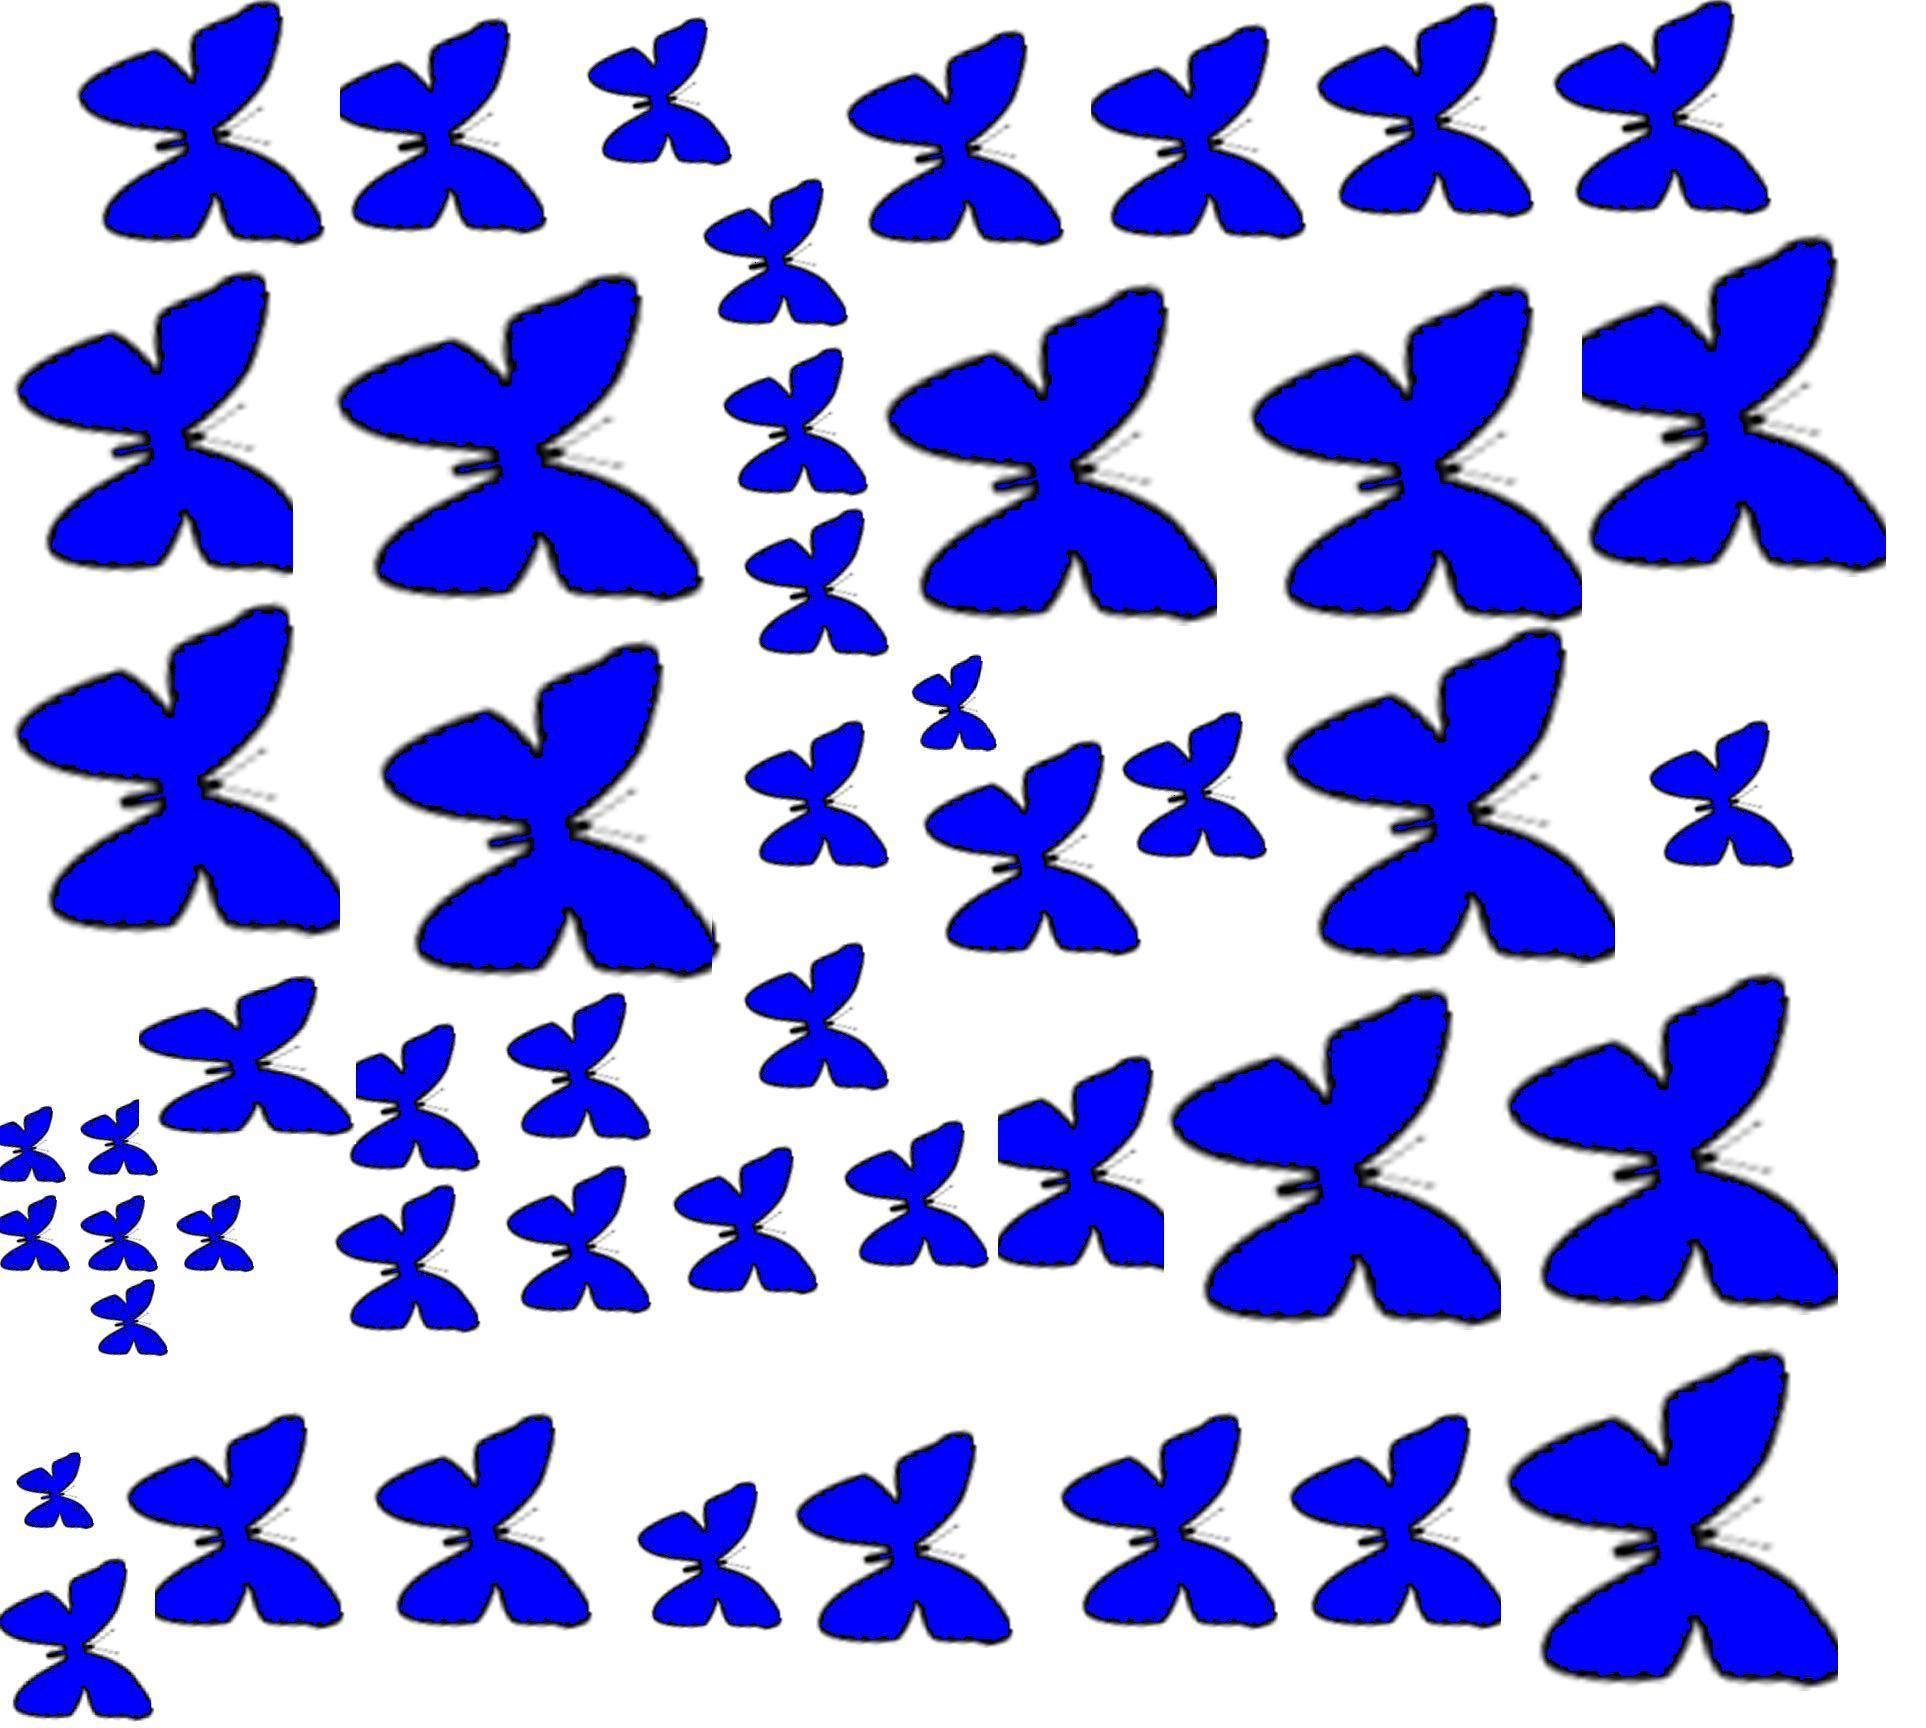 Бабочки для декора своими руками: из бумаги, объемные 47